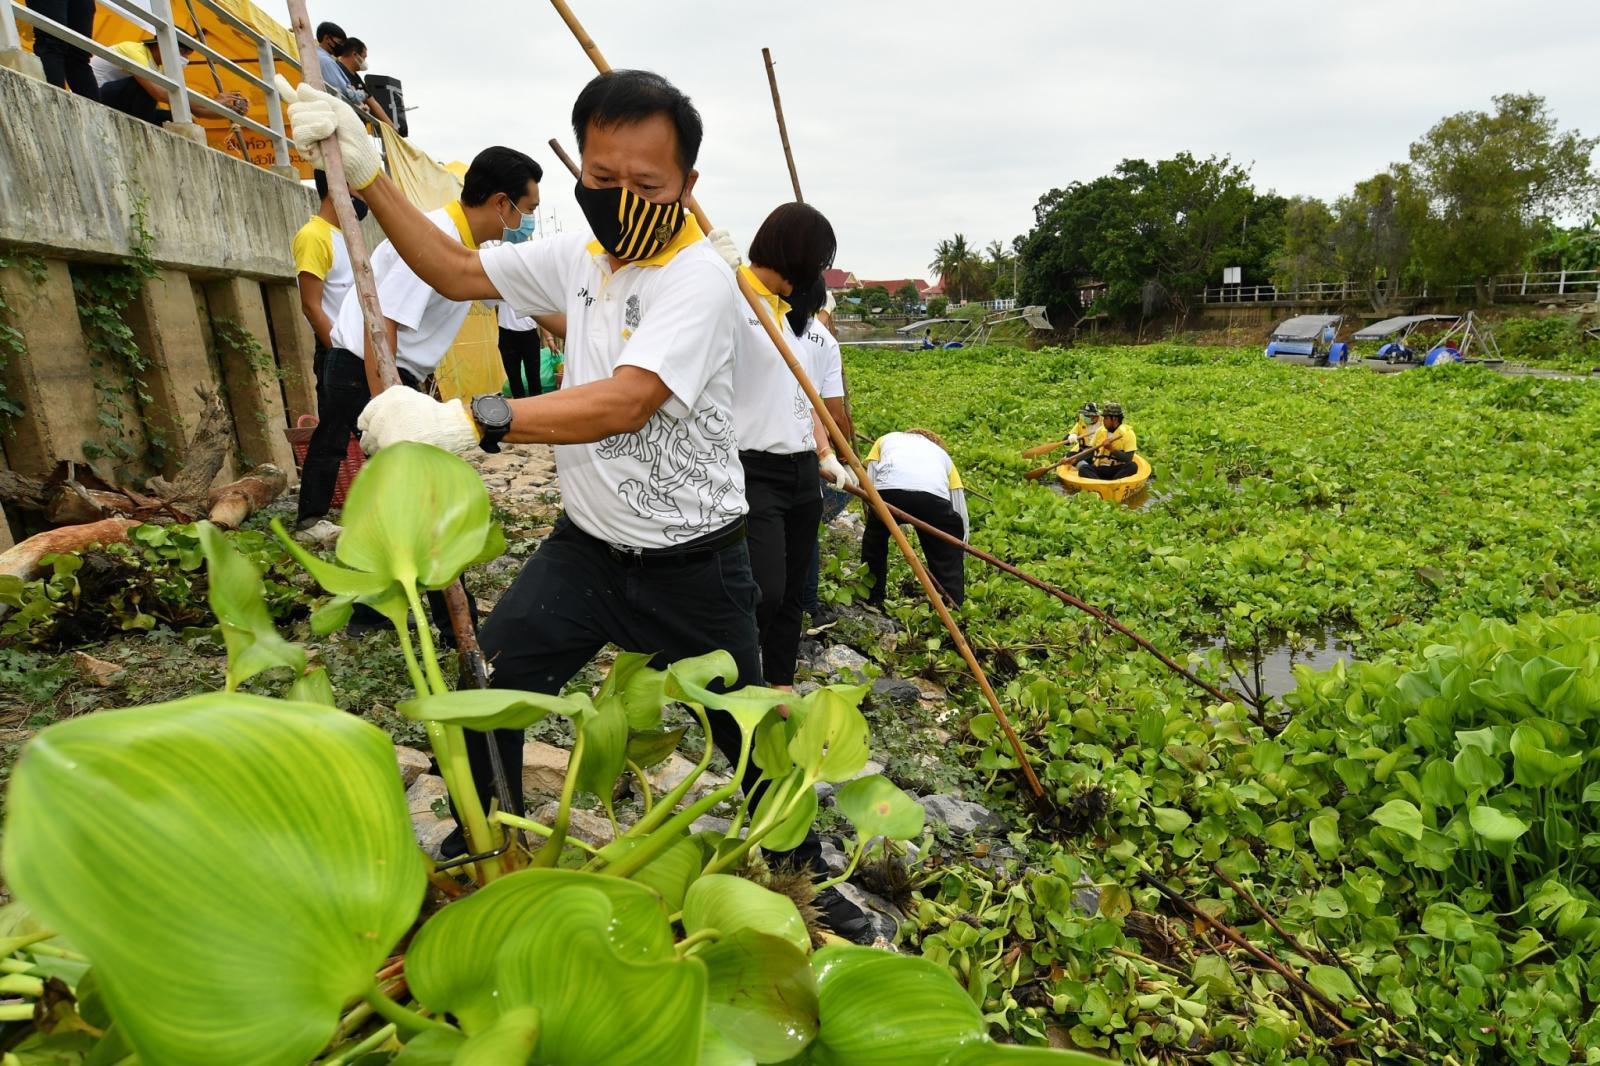 สิงห์อาสา เดินหน้าจ้างงาน สิงห์บุรี ต่อเนื่อง ชวนชาวบ้านเป็นอาสา ป้องกันน้ำท่วมท้องถิ่นตน